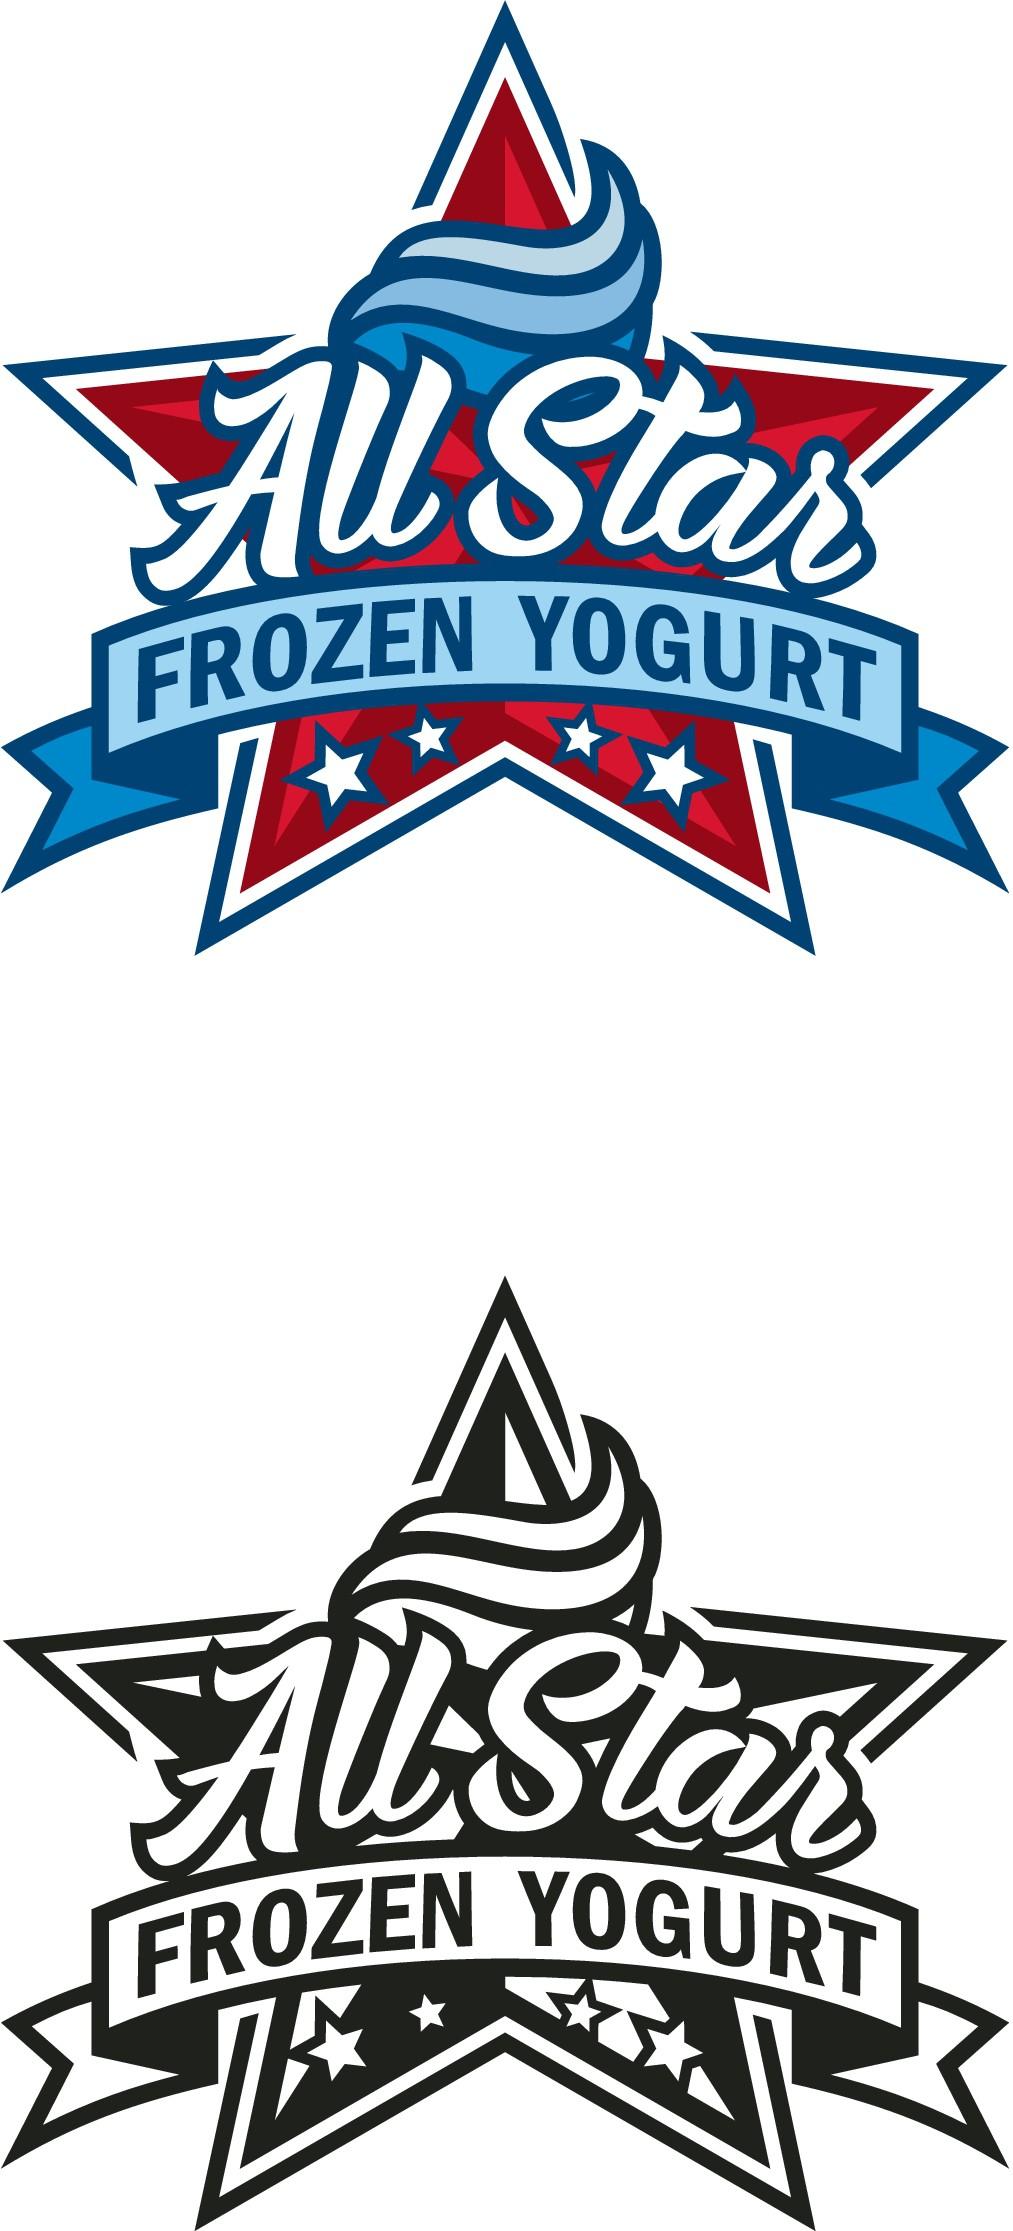 Design a winning logo for All Star Frozen Yogurt